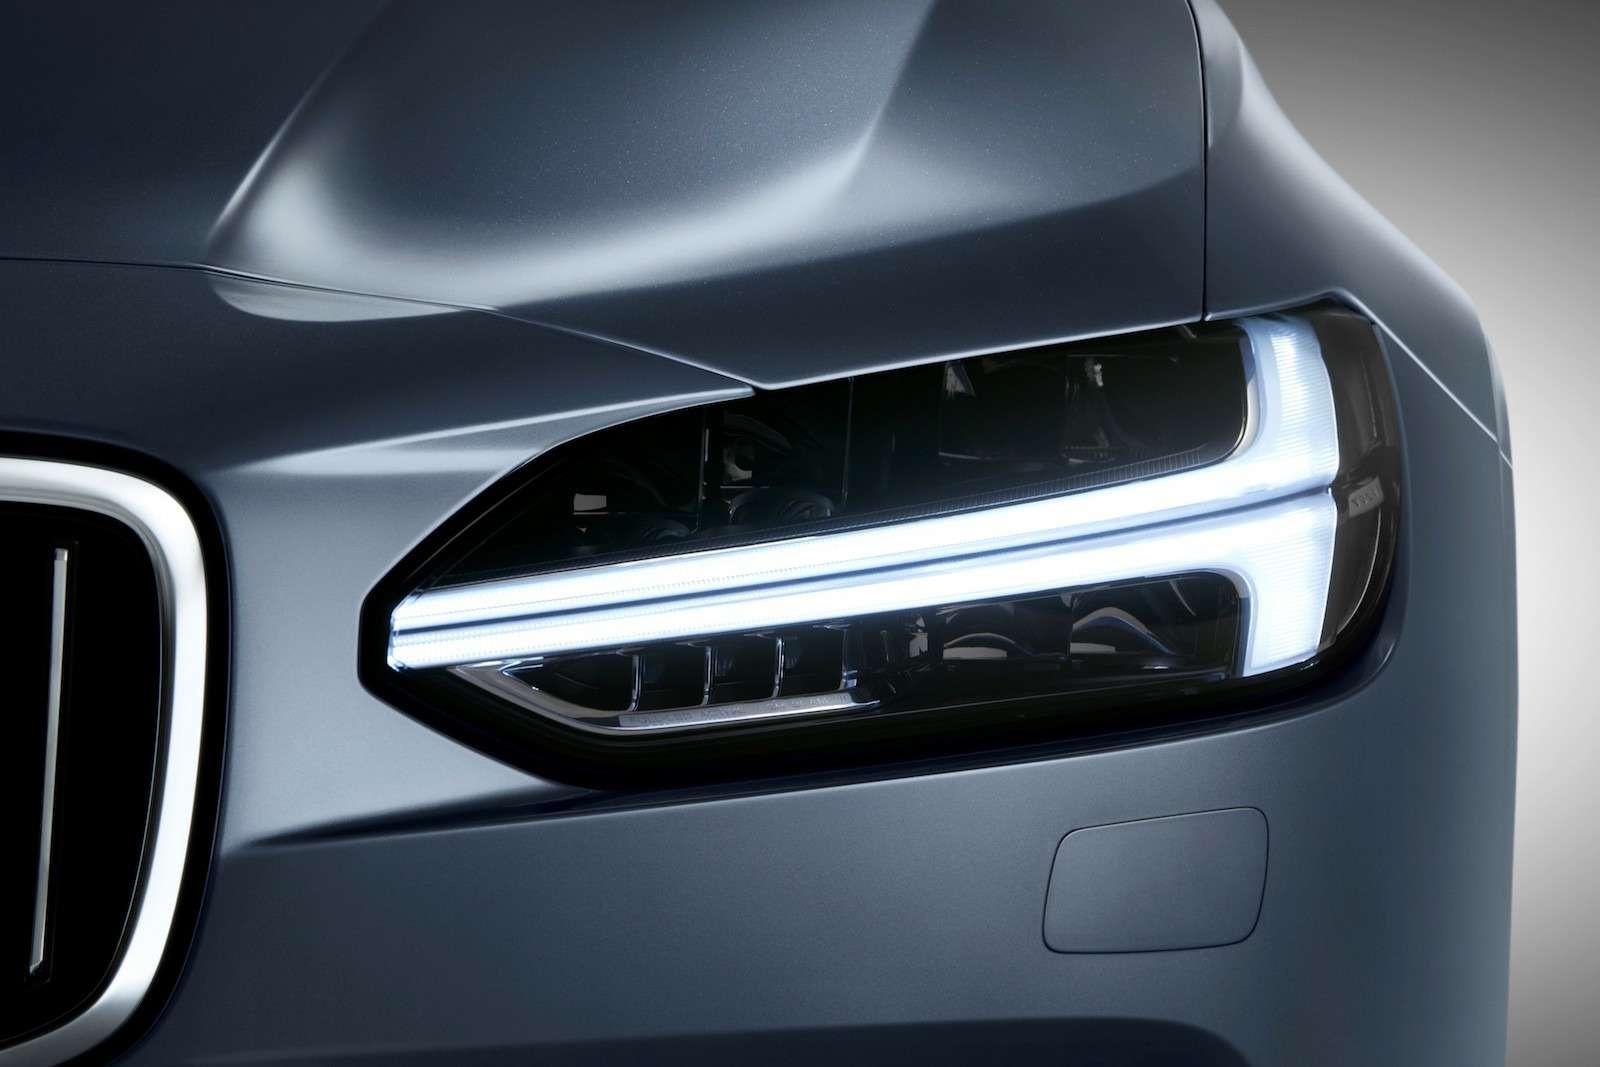 Новый Volvo S90 представили доММАС-2016— фото 621613